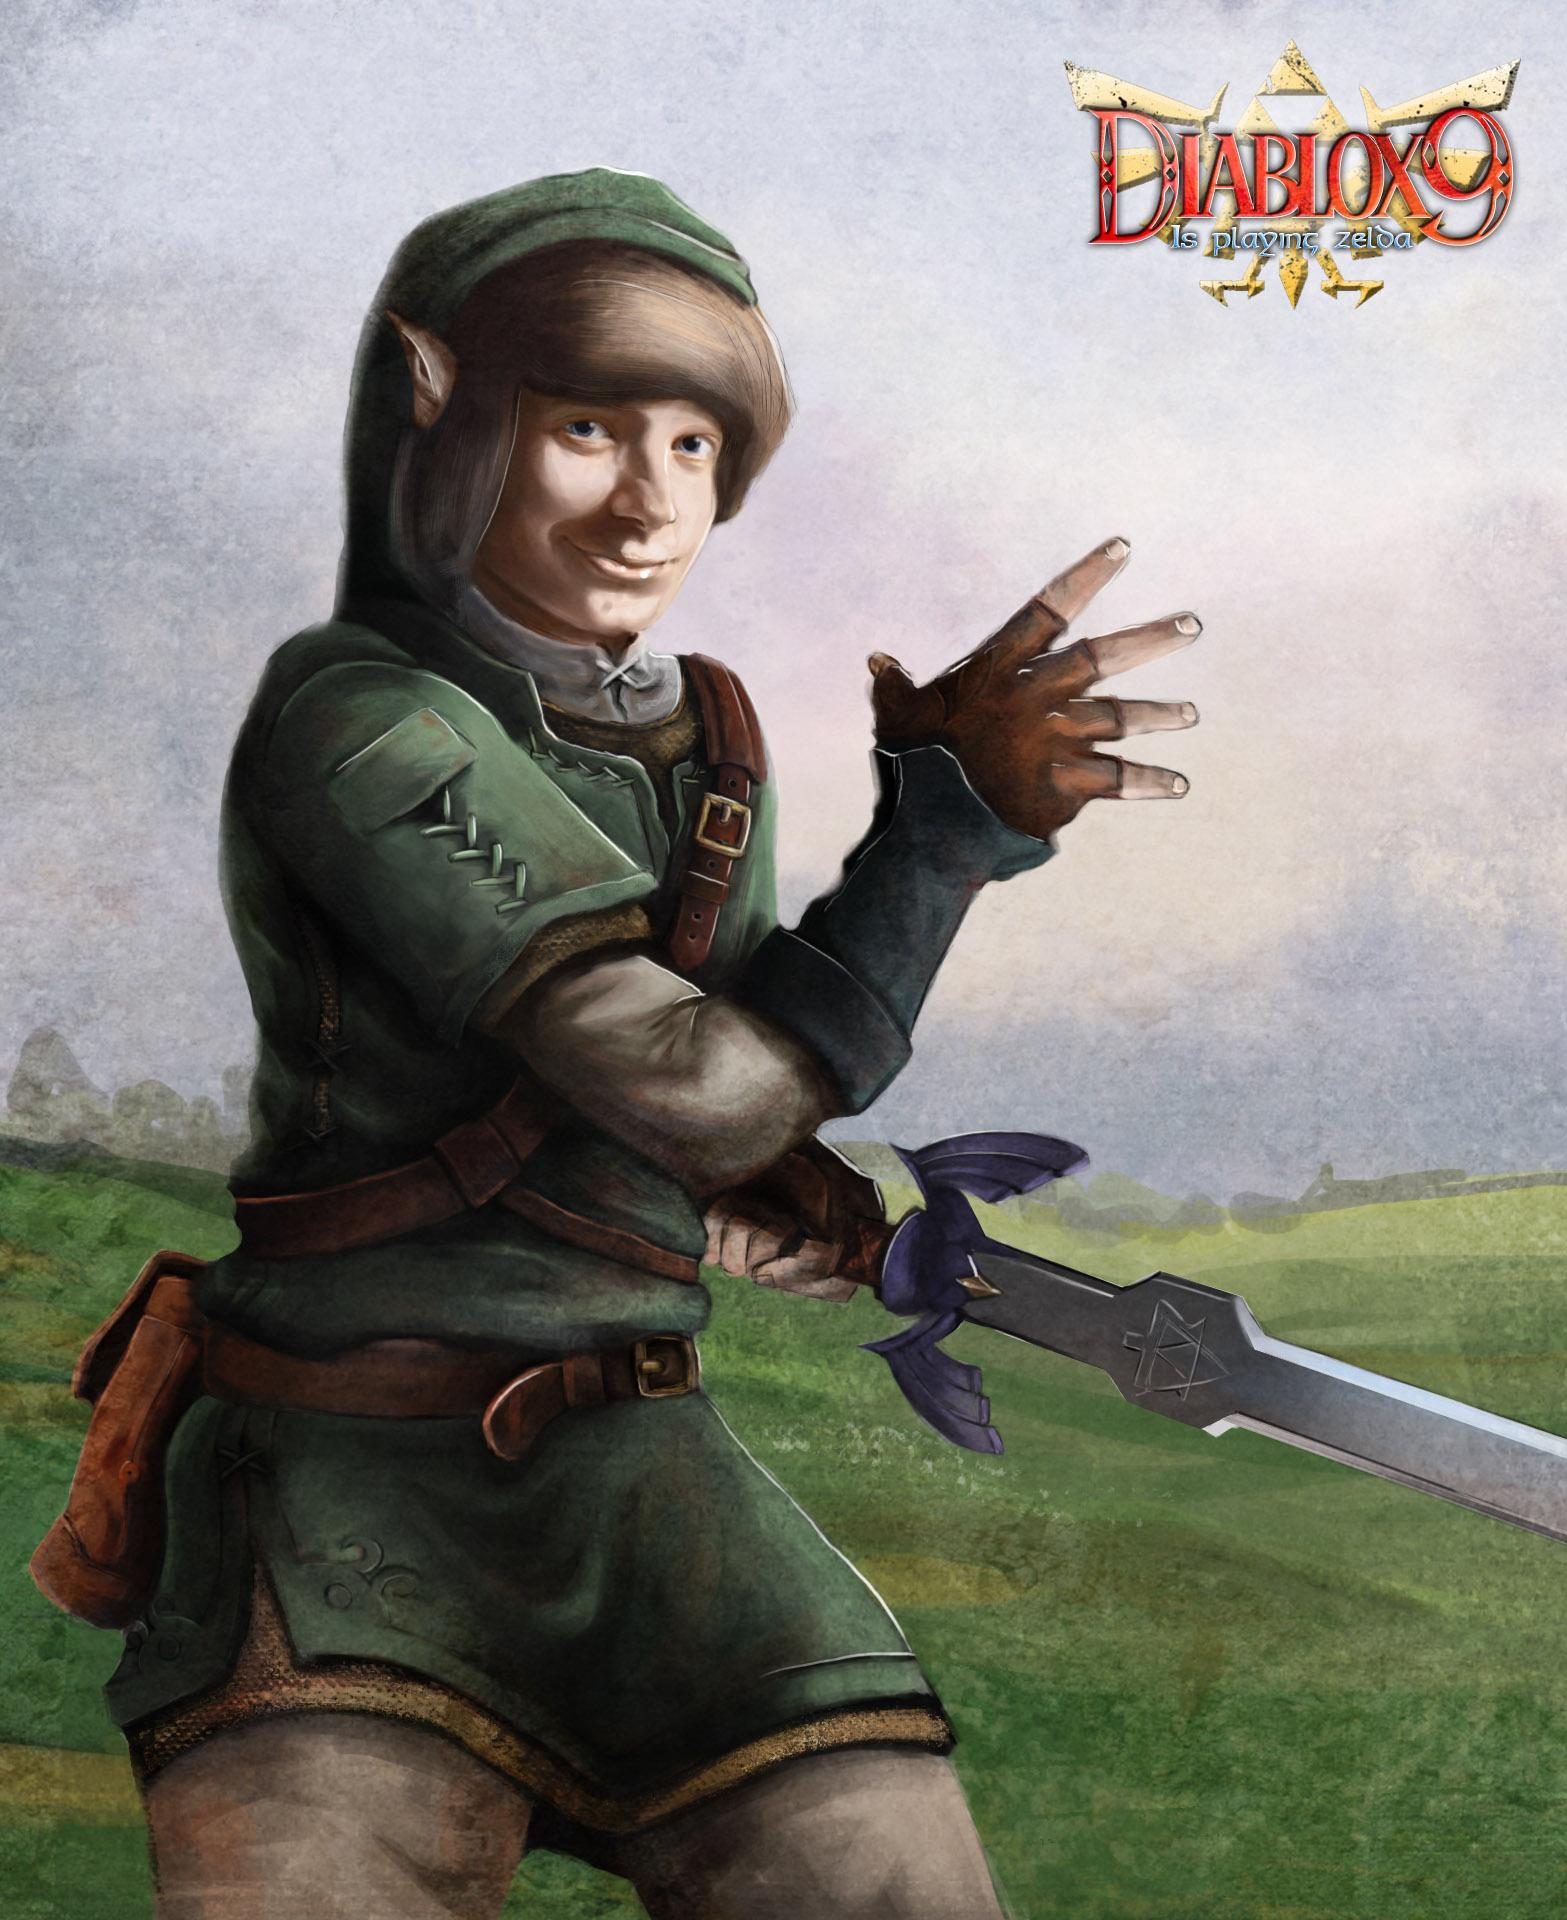 Diablox9 is Link